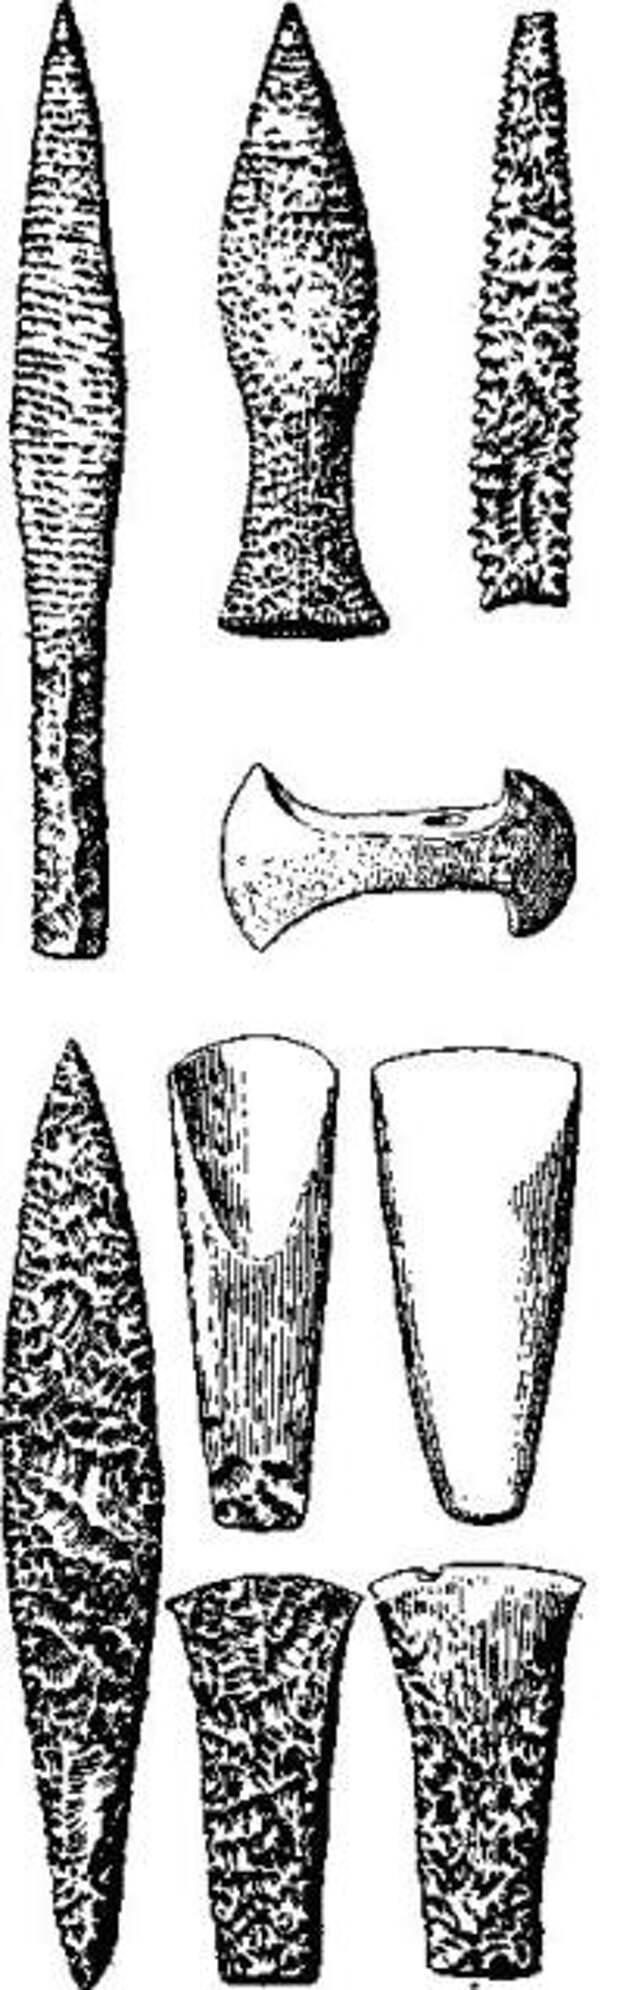 Неолитические орудия из Скандинавии (по де Моргану)